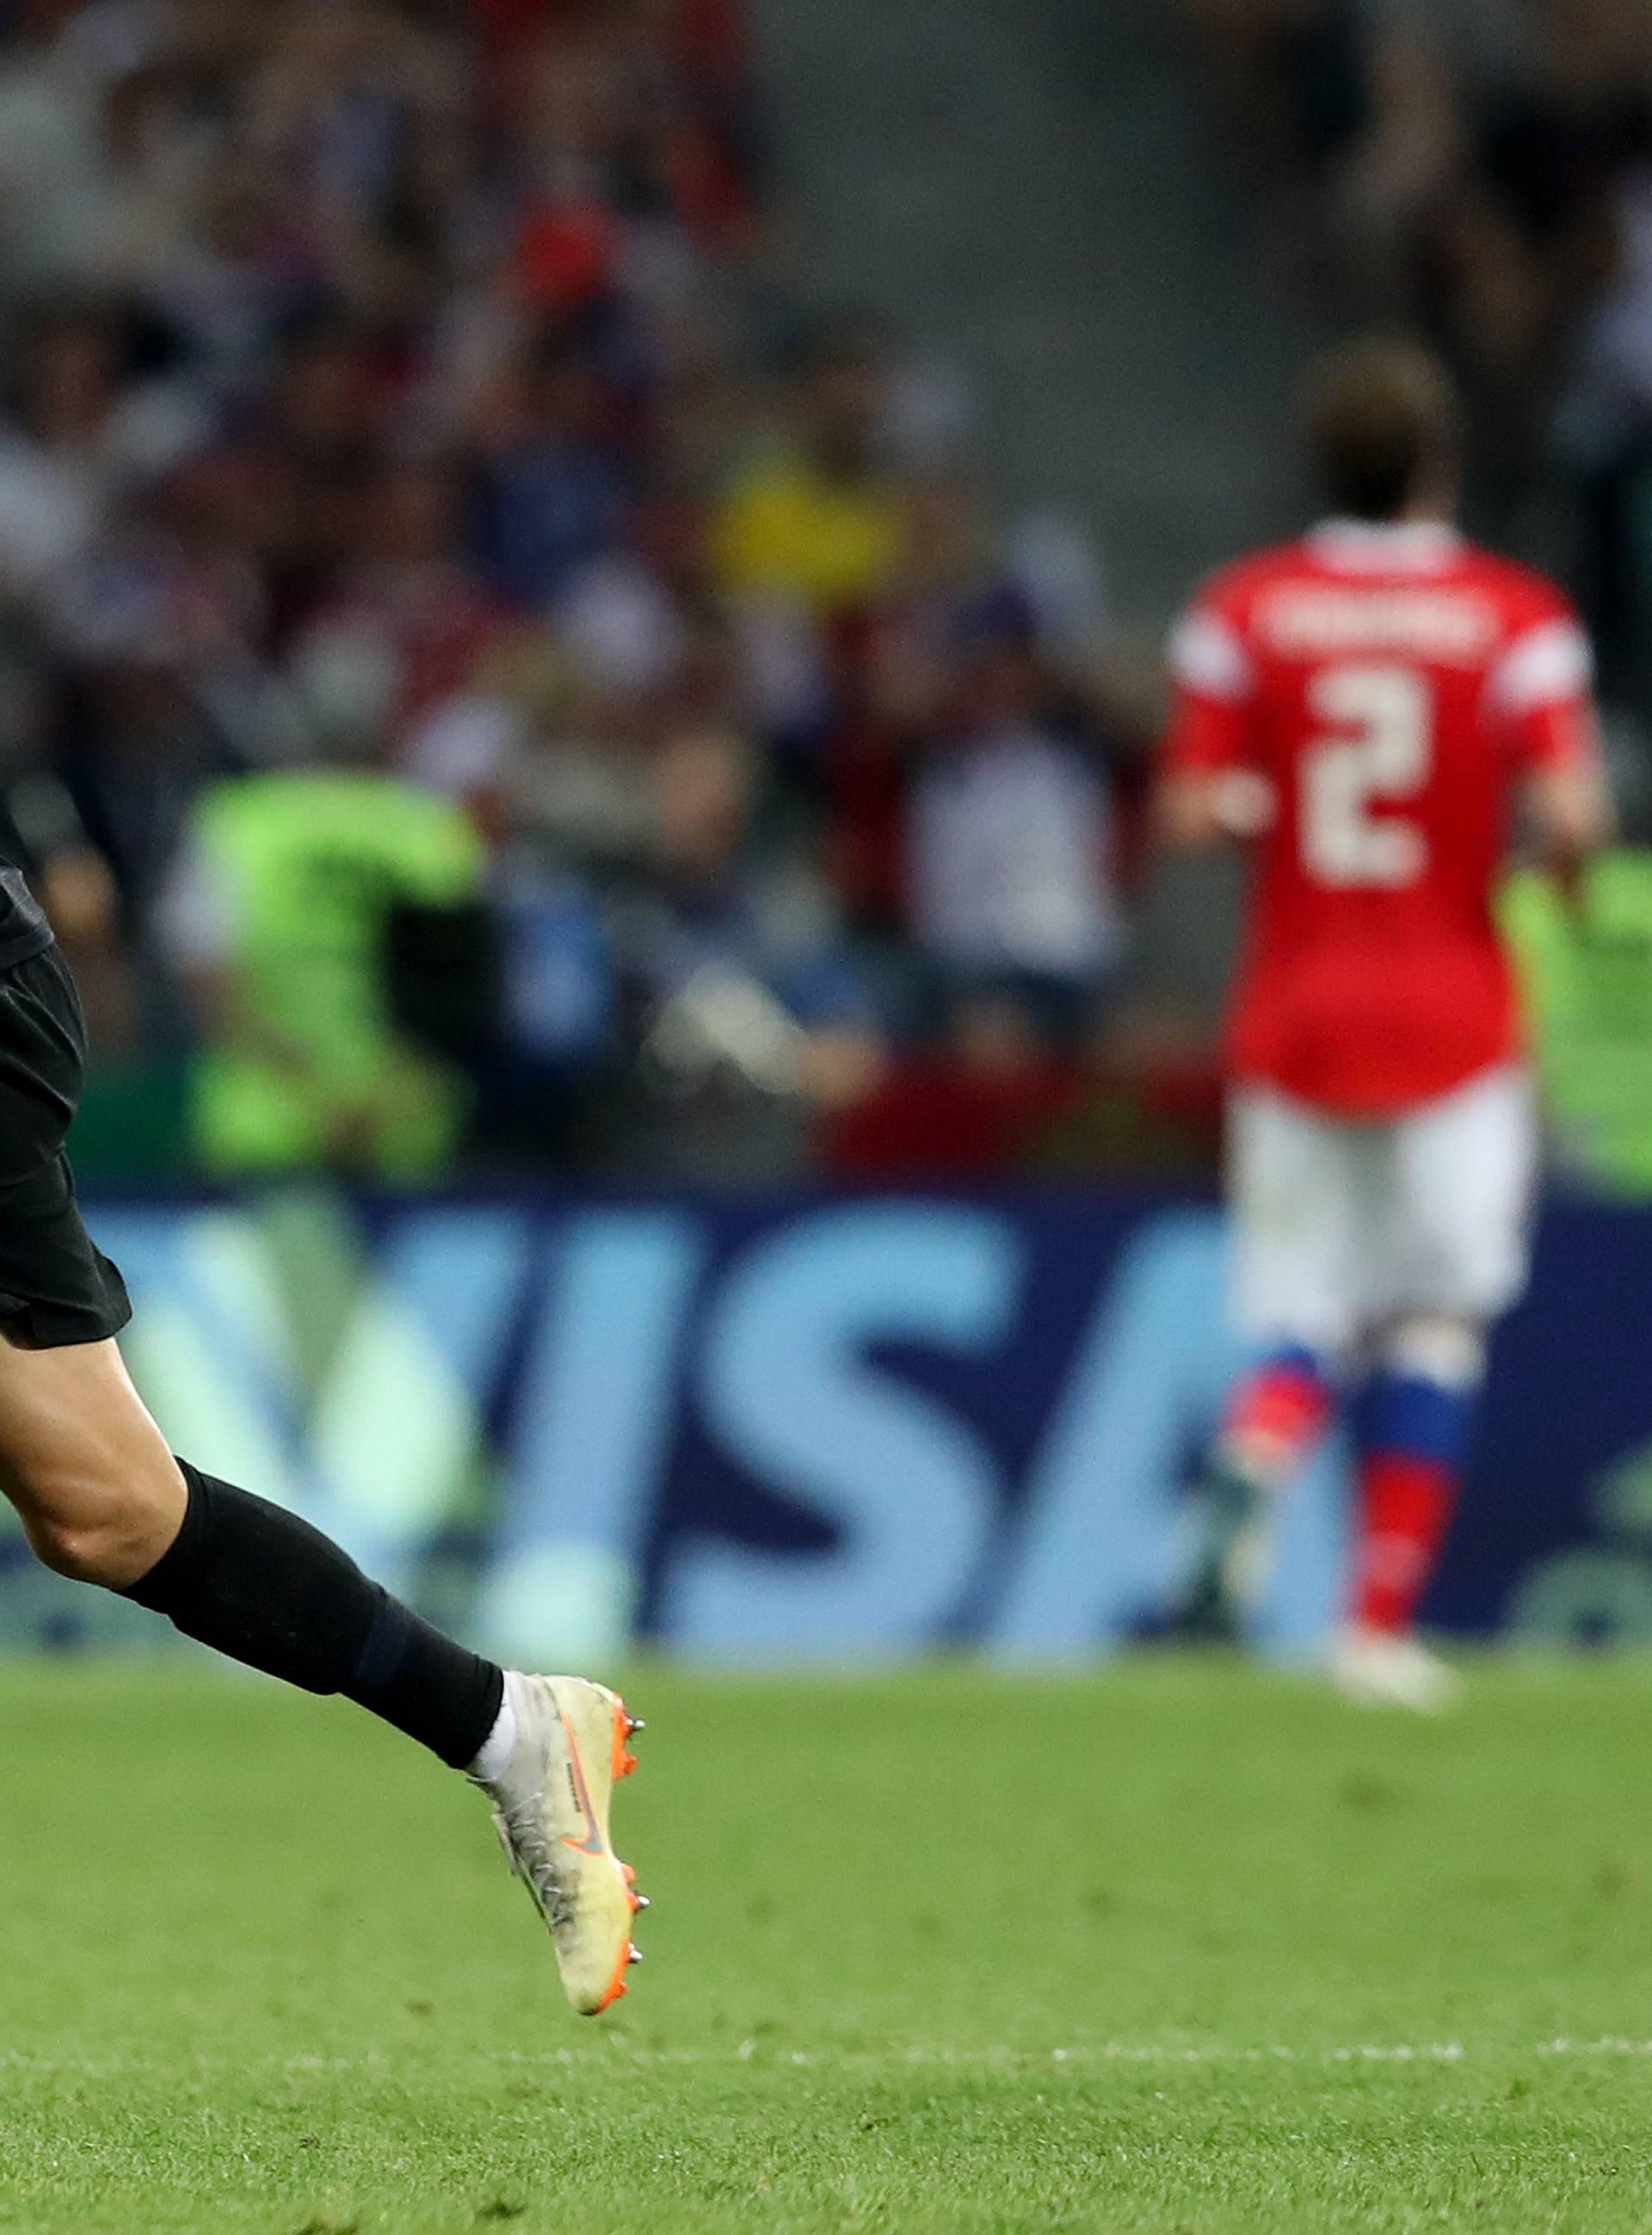 Soči: Rusija i Hrvatska u četvrtfinalu na Svjetskom prvenstvu